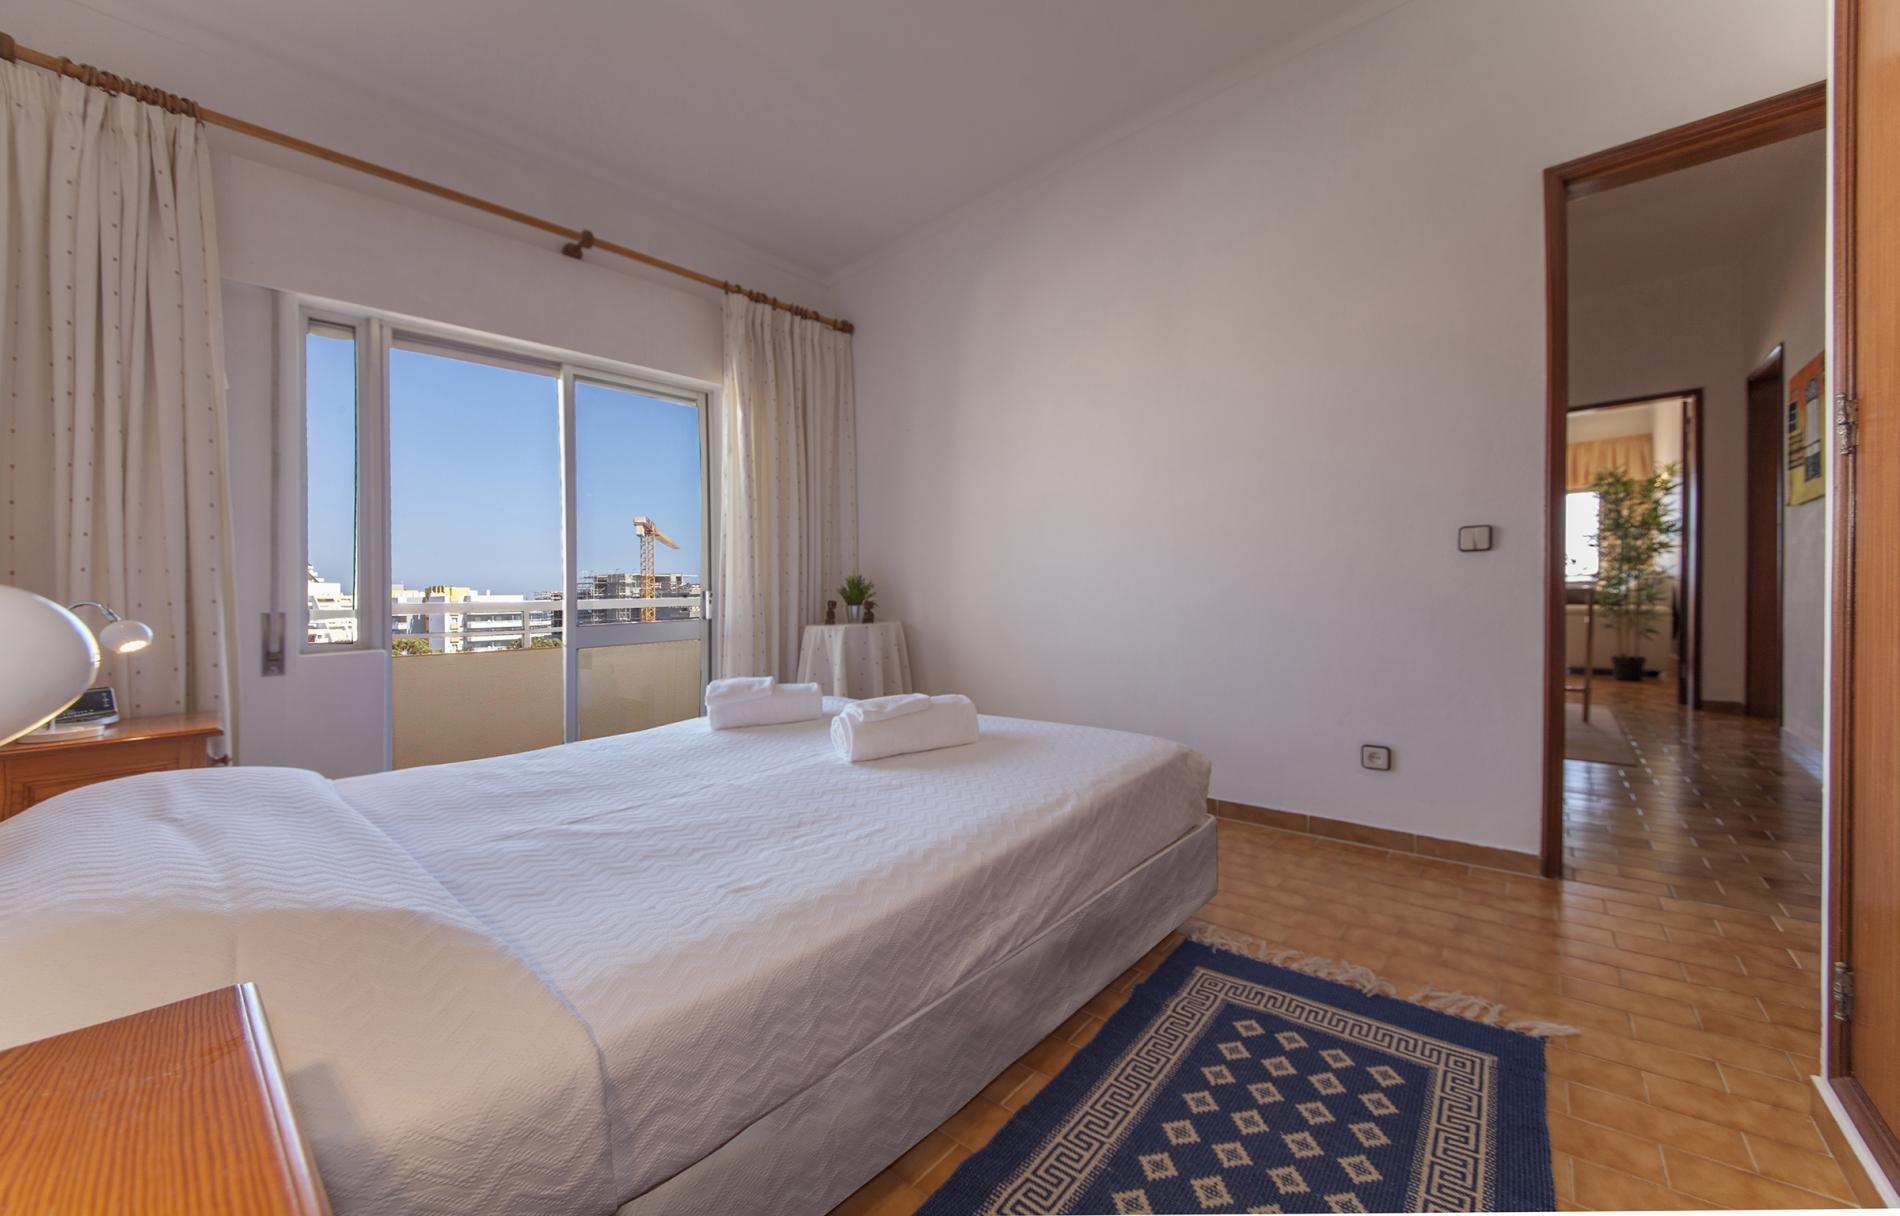 Apartment B43 - Spotless Seaview Apartment photo 22522662